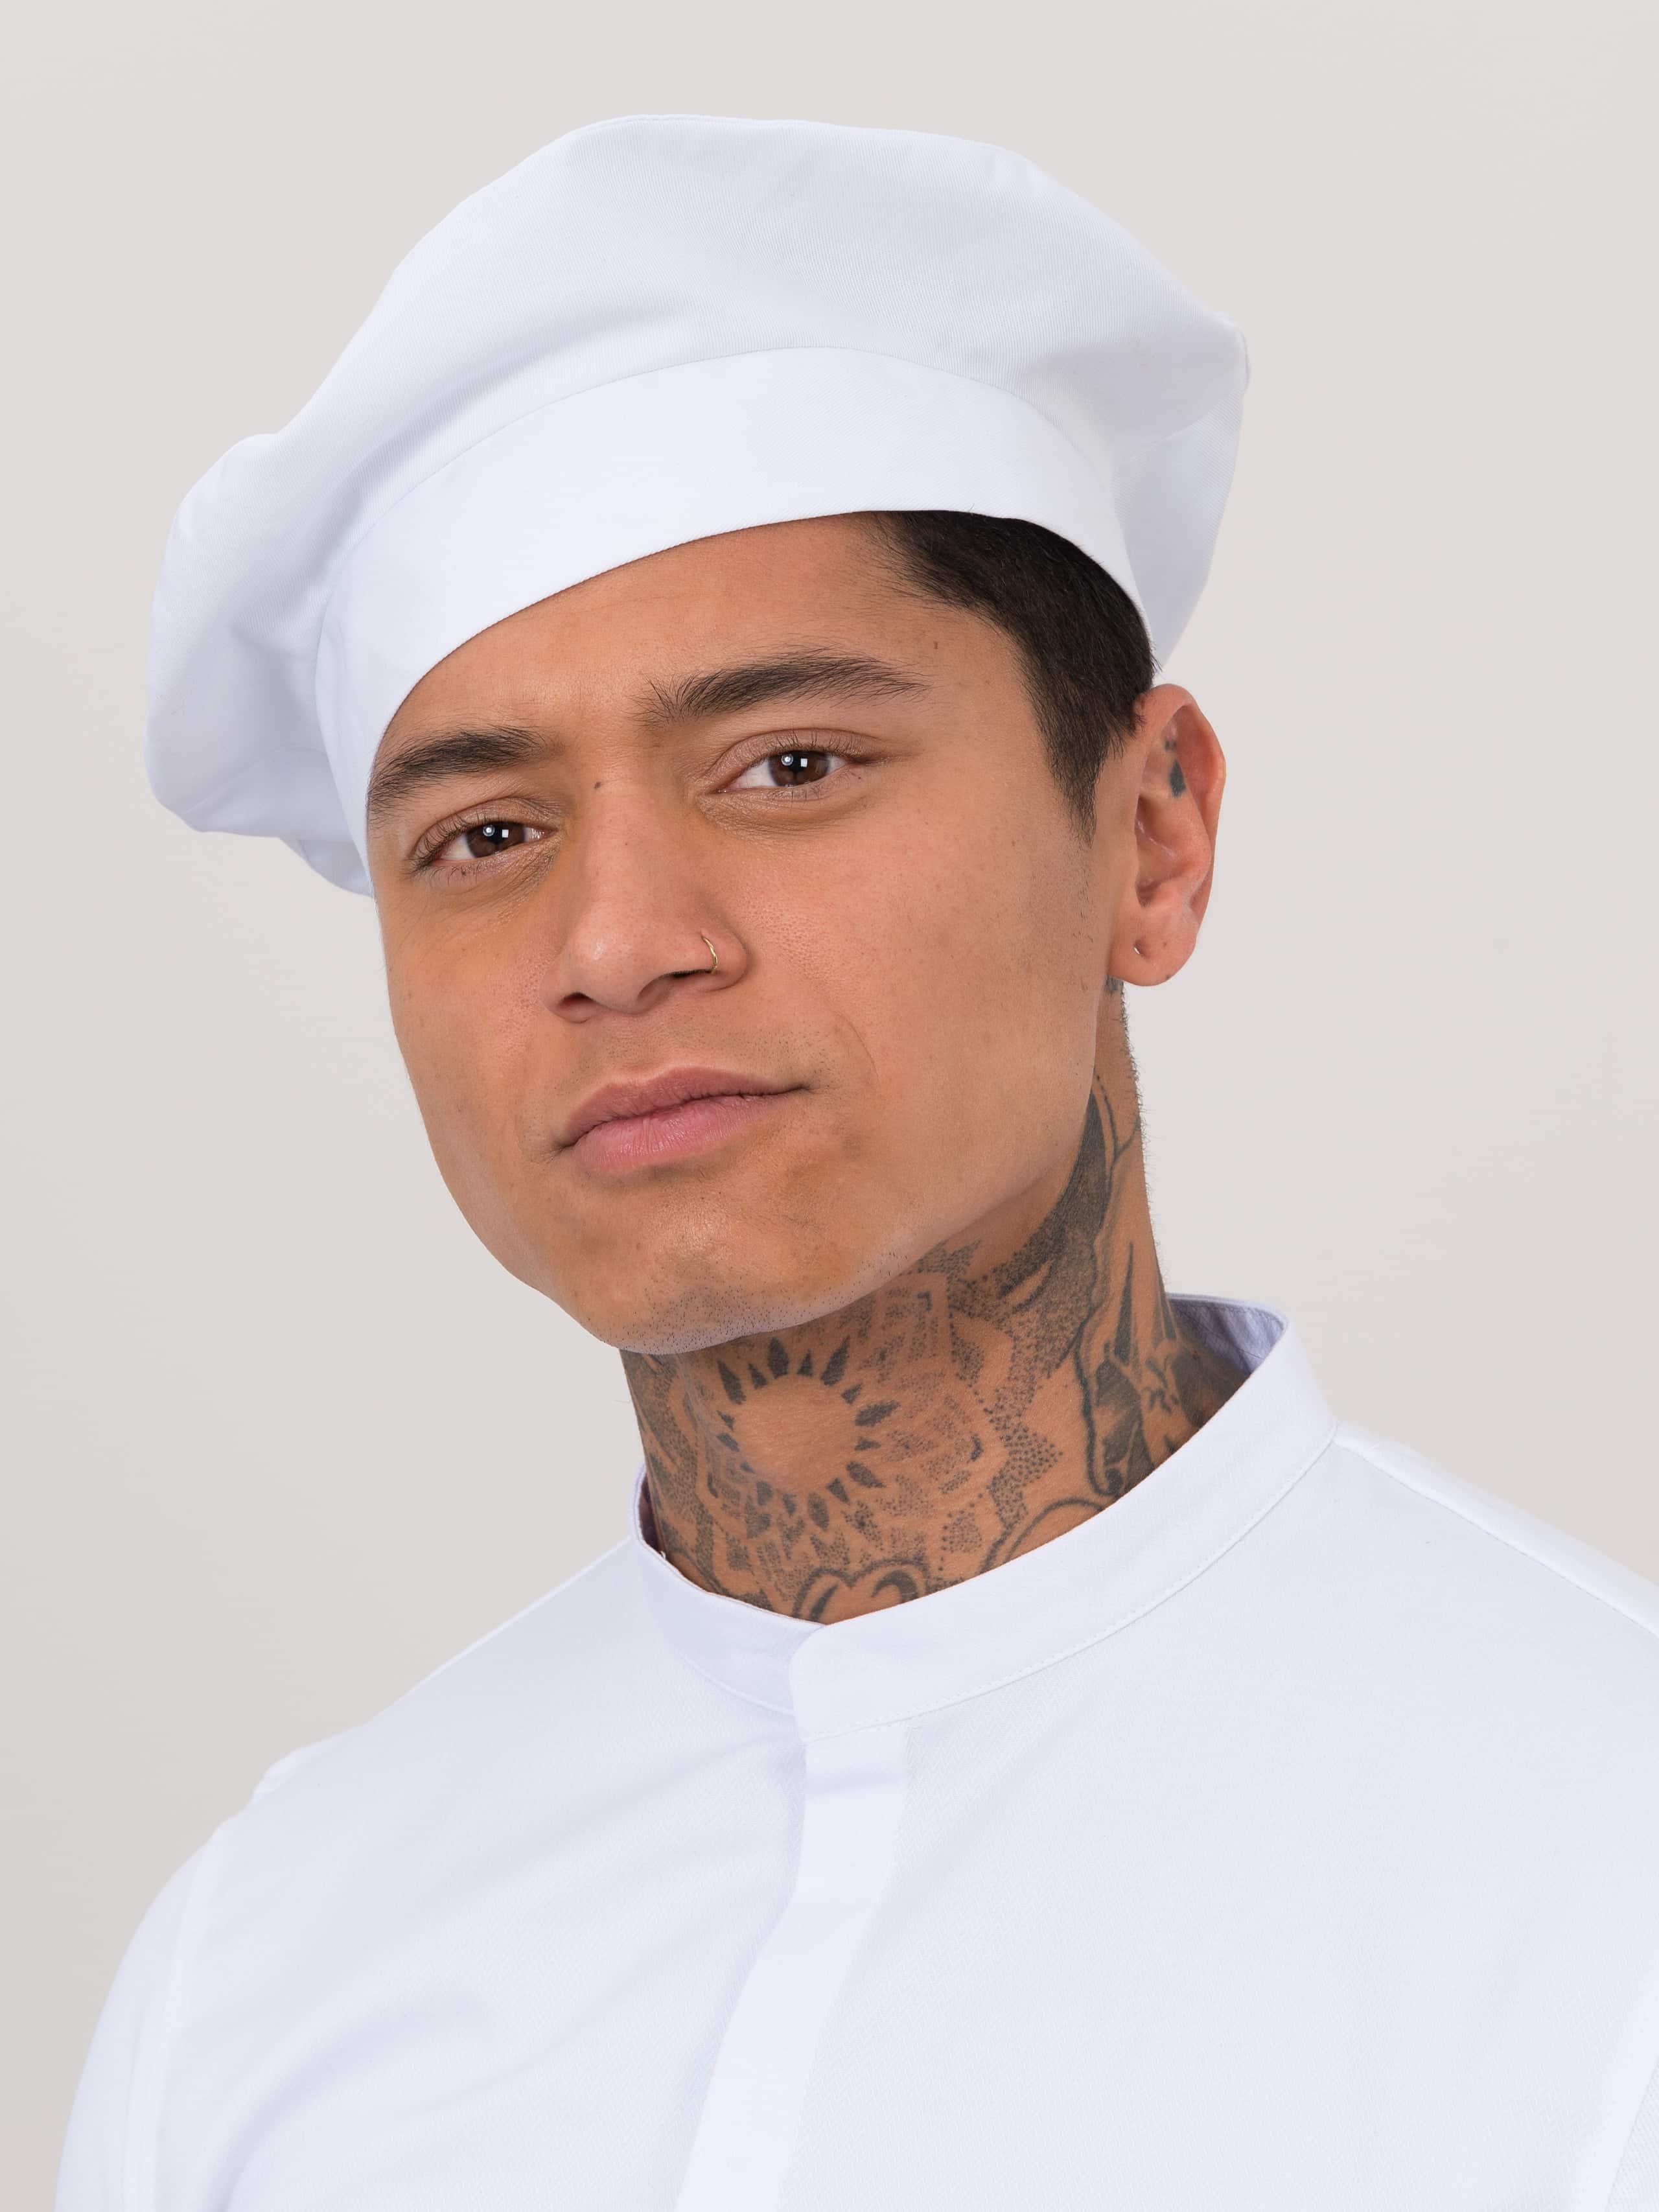 Chef Hat Baret White